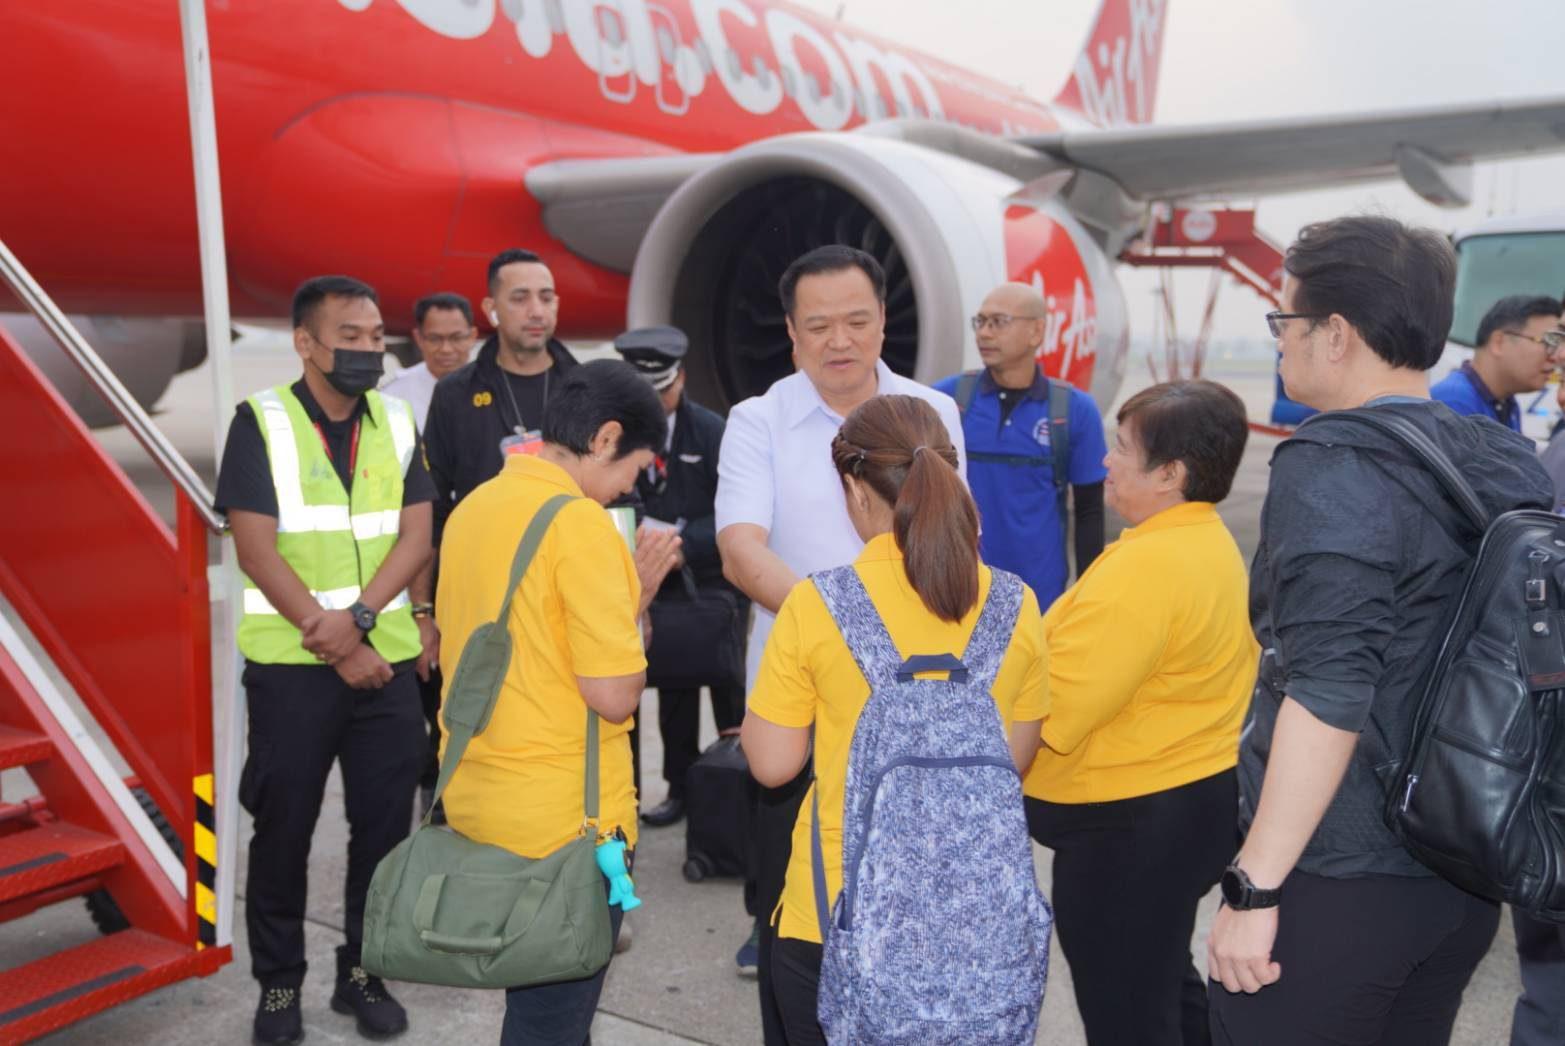 เที่ยวบินรับคนไทยอู่ฮั่นออกเดินทางแล้ว ด้านอนุทิน เผย ทุกคนกำลังใจดี